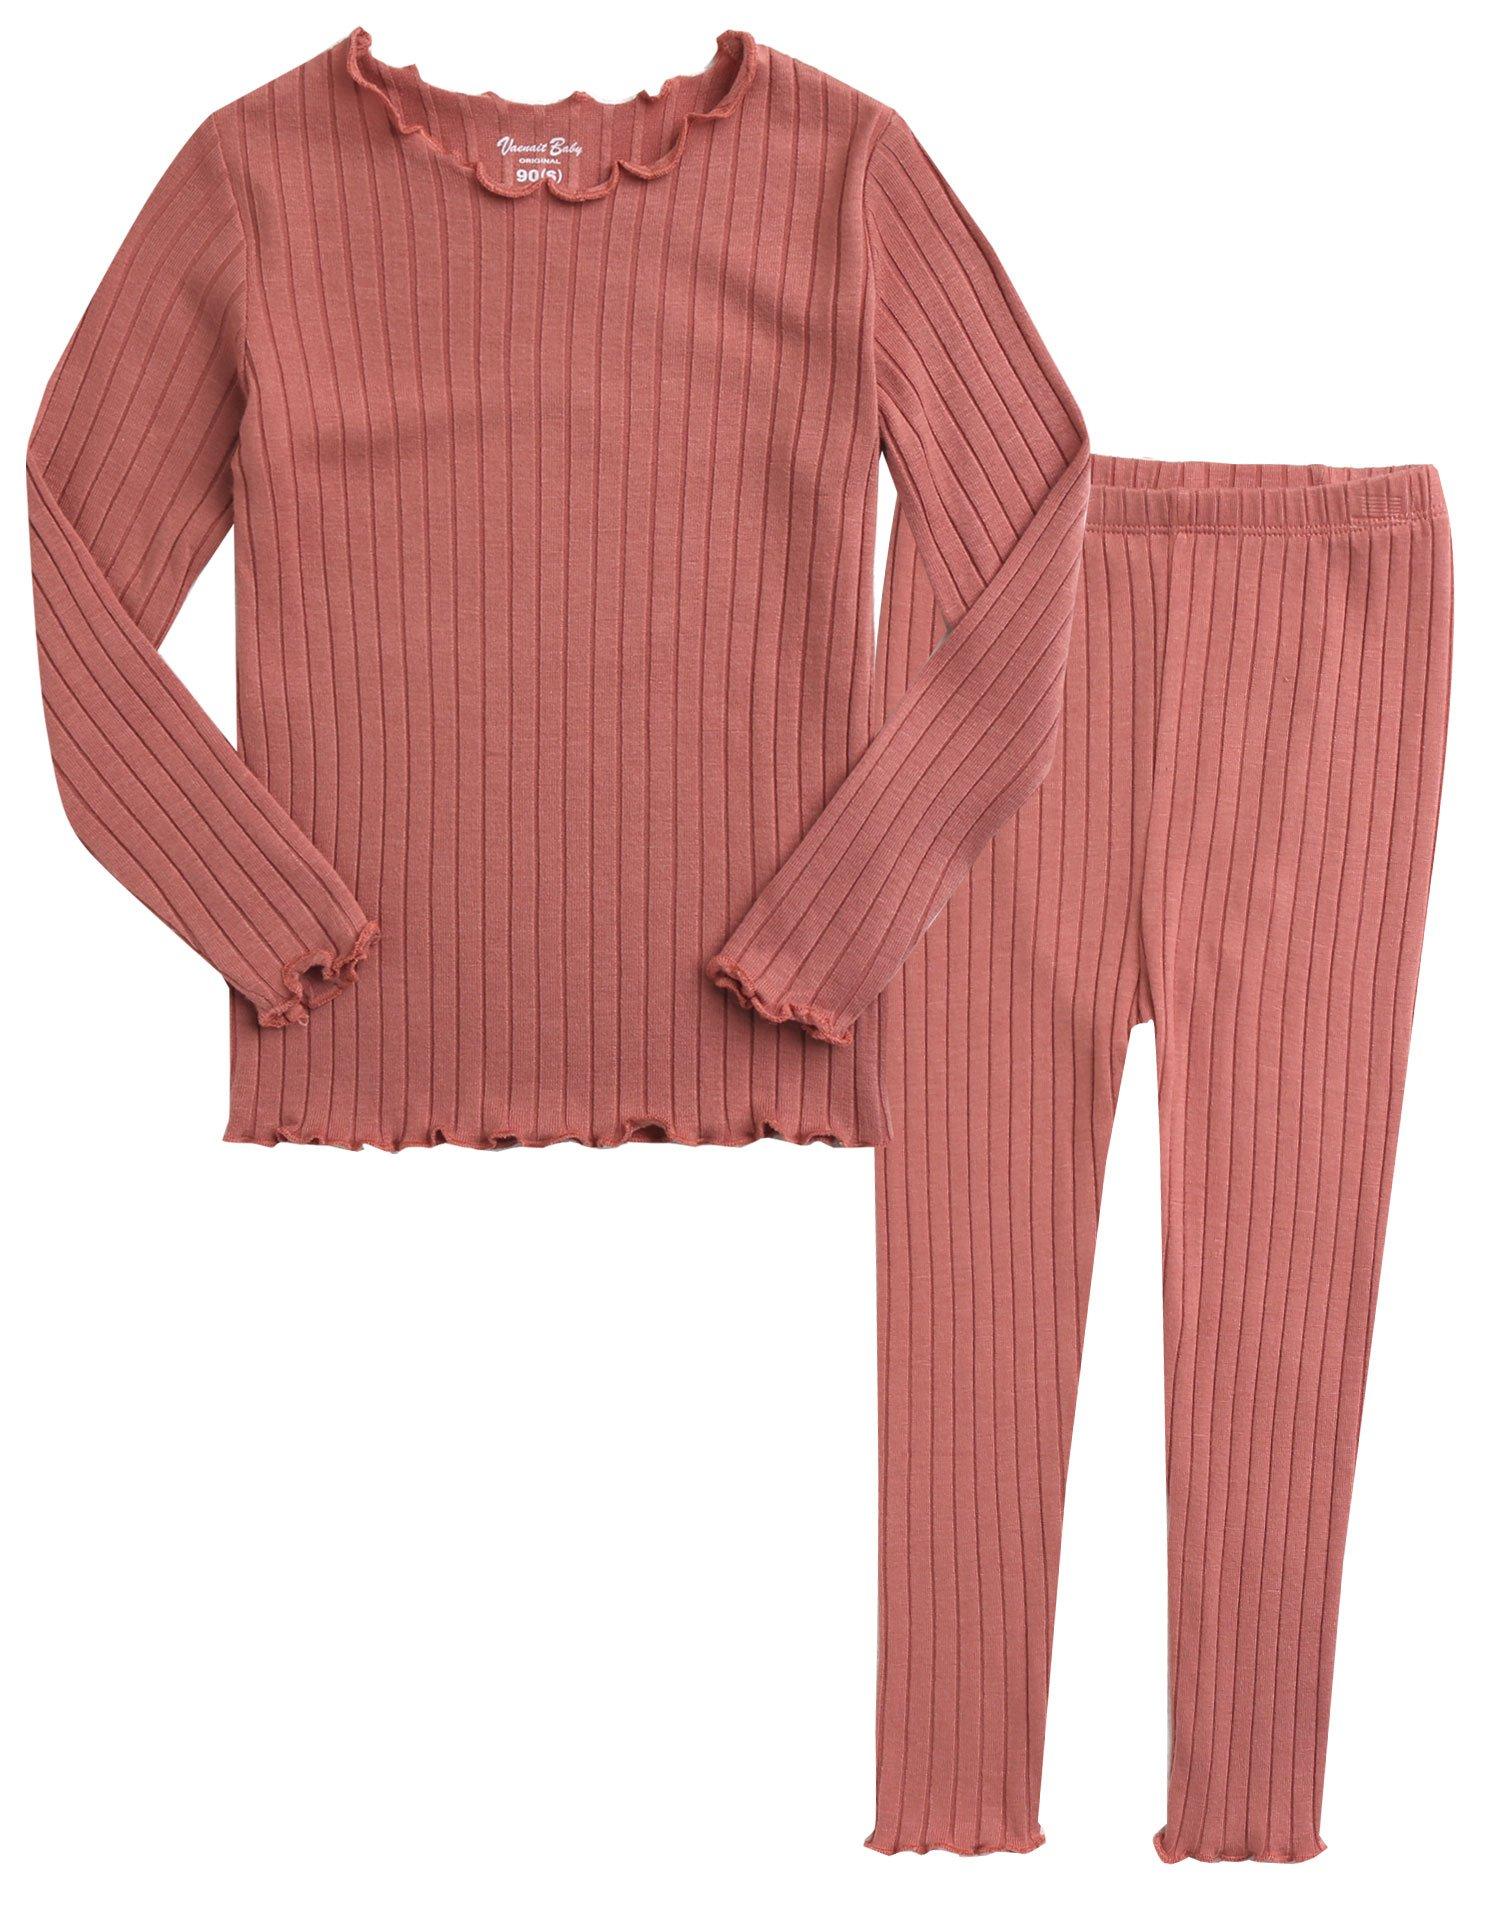 Vaenait baby Kids Girls Long Sleeve Sleepwear Pajamas 2pcs Set Shiring Pink S